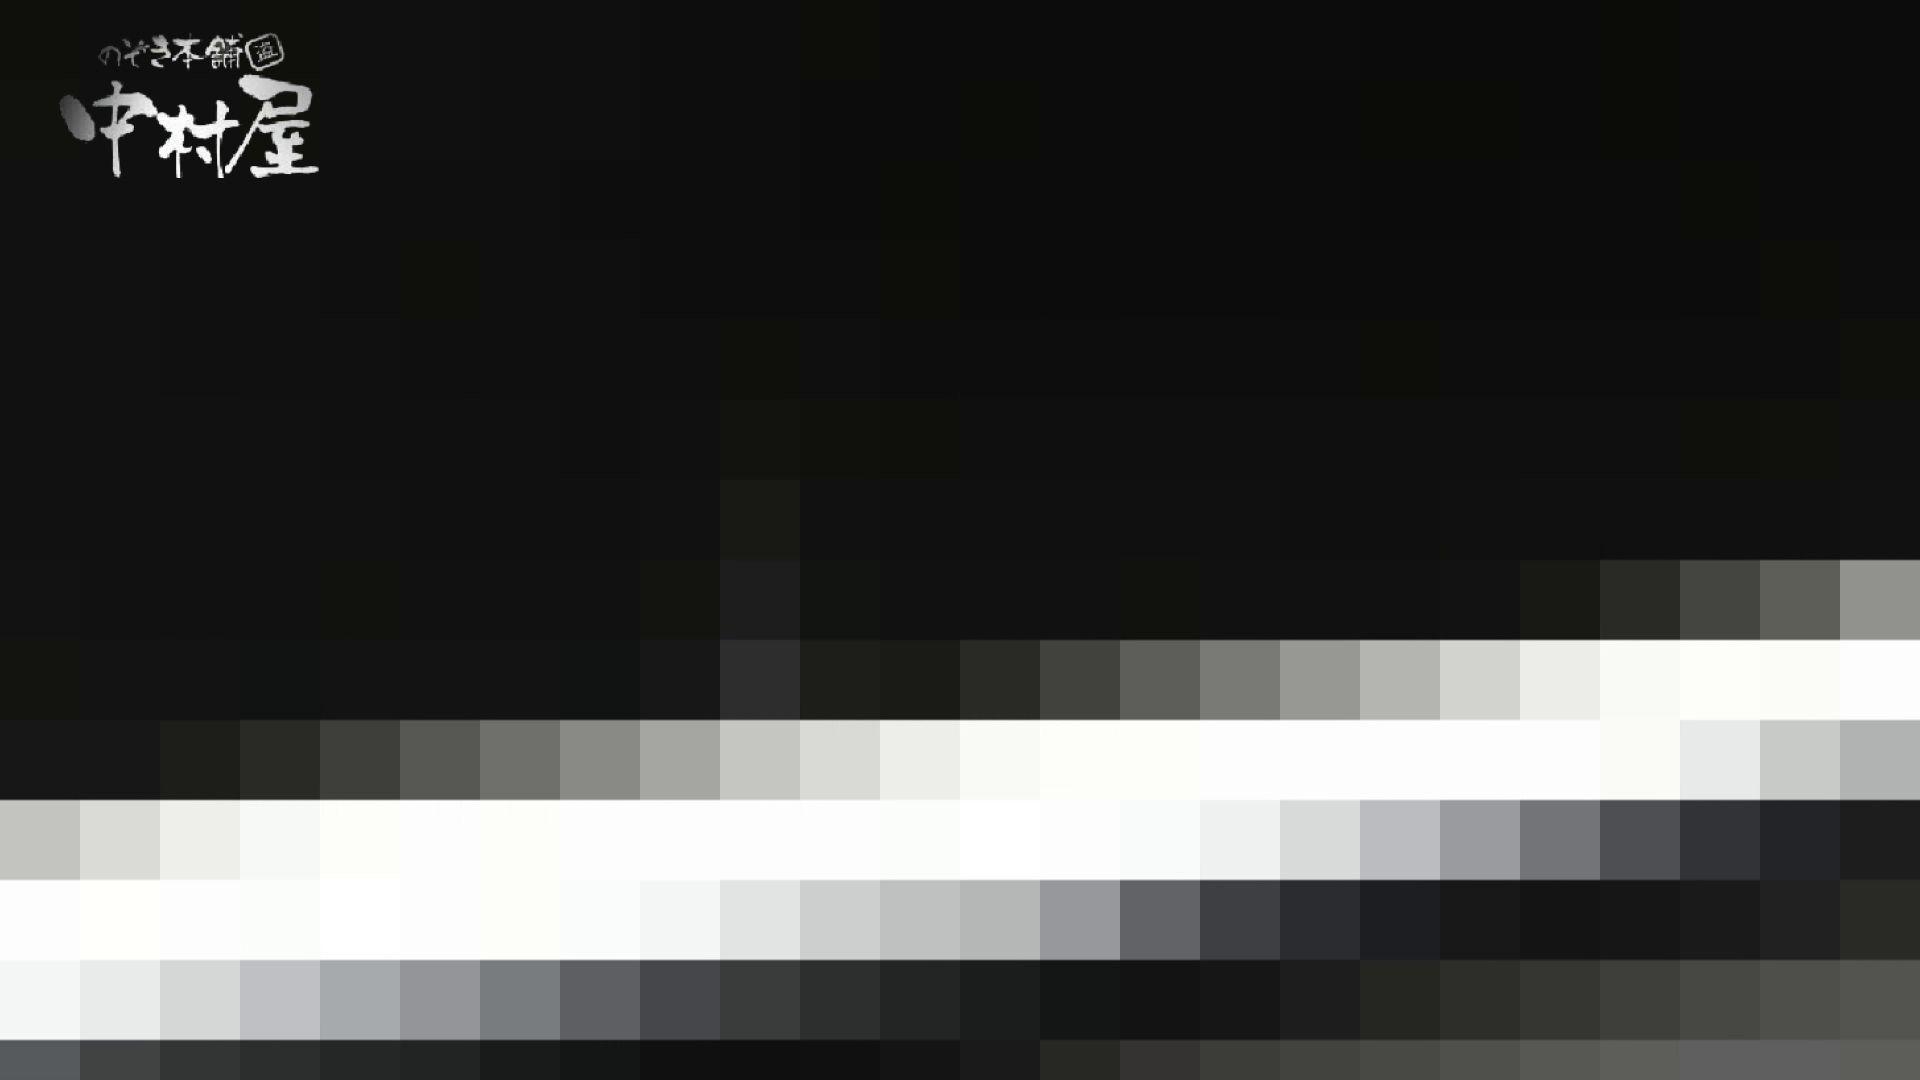 【世界の射窓から】世界の射窓から vol.14 洗面所編  102PIX 28